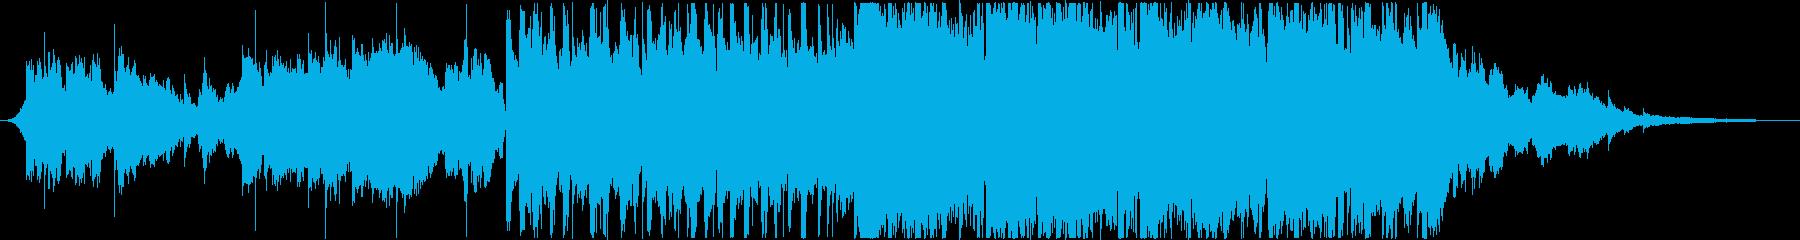 サックスが艶やかなバラード曲_ver2の再生済みの波形